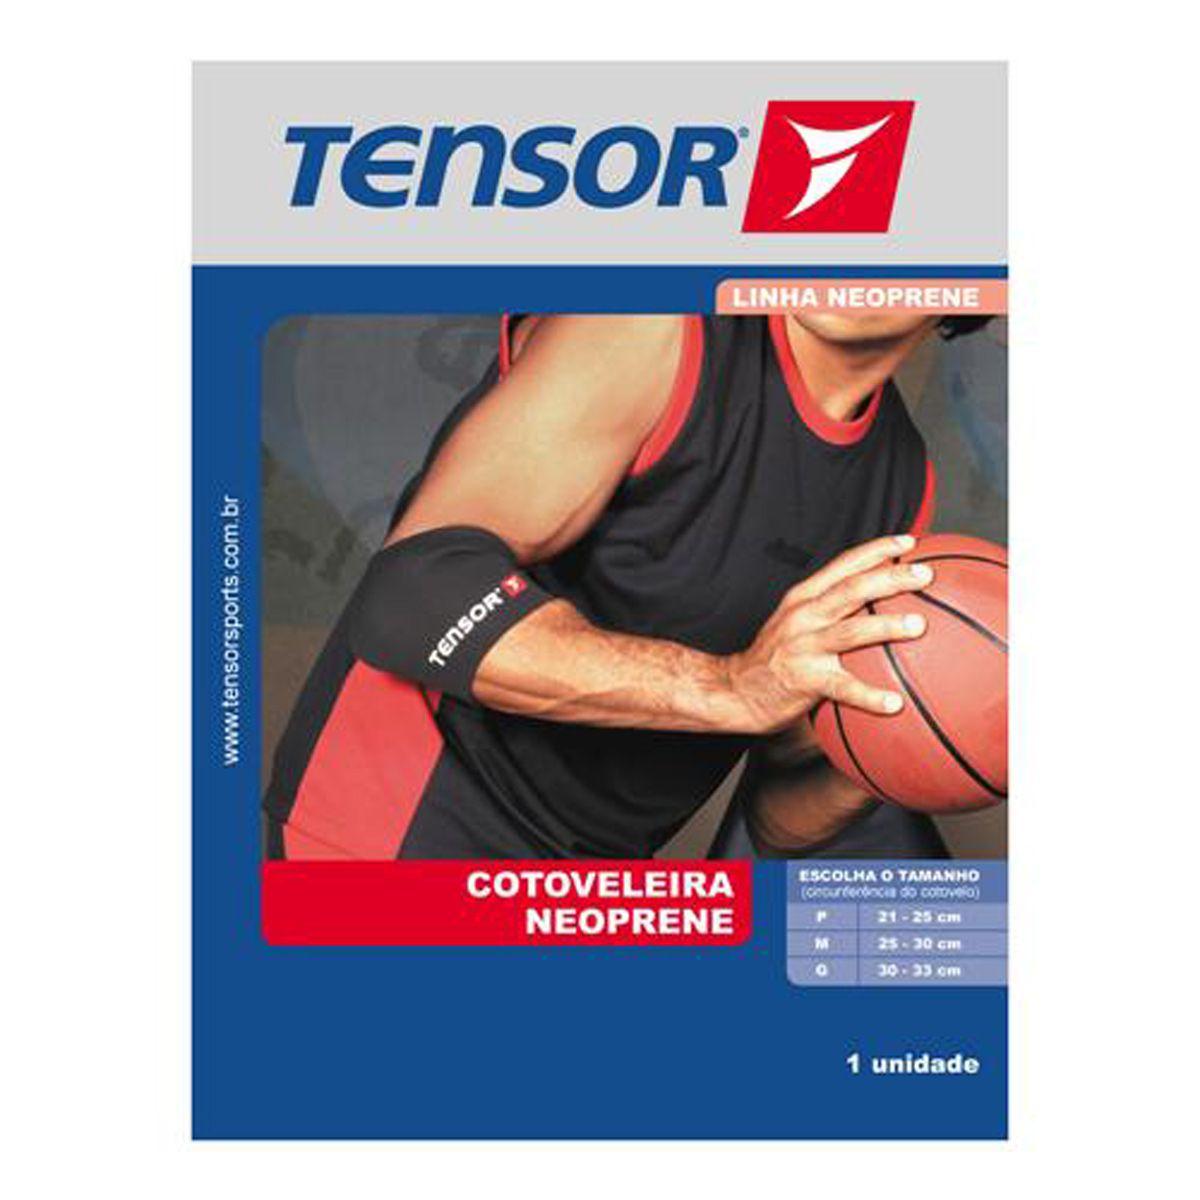 Cotoveleira Neoprene Tensor - 8441